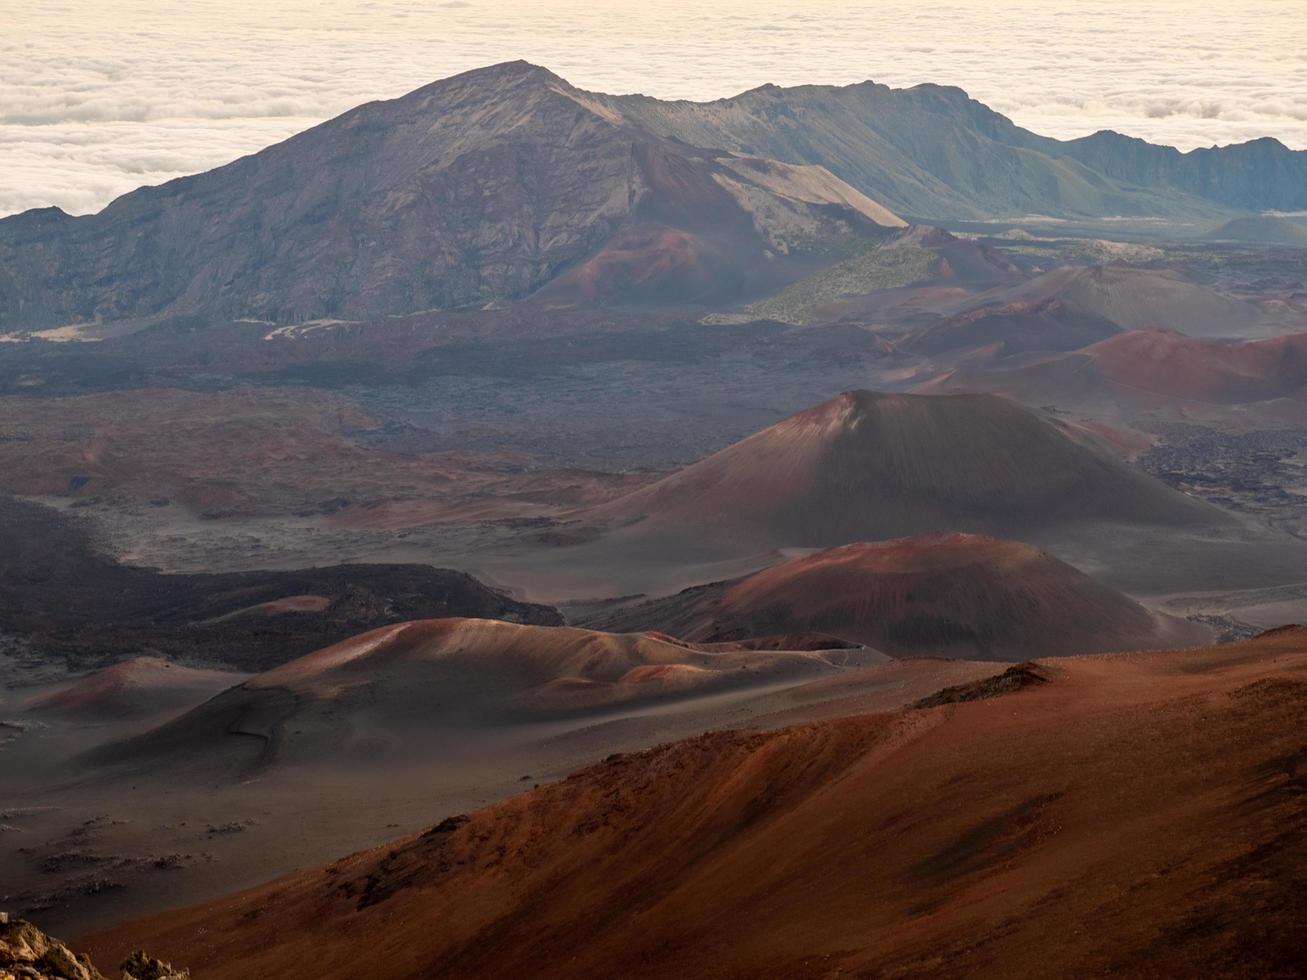 montagnes brunes et grises photo